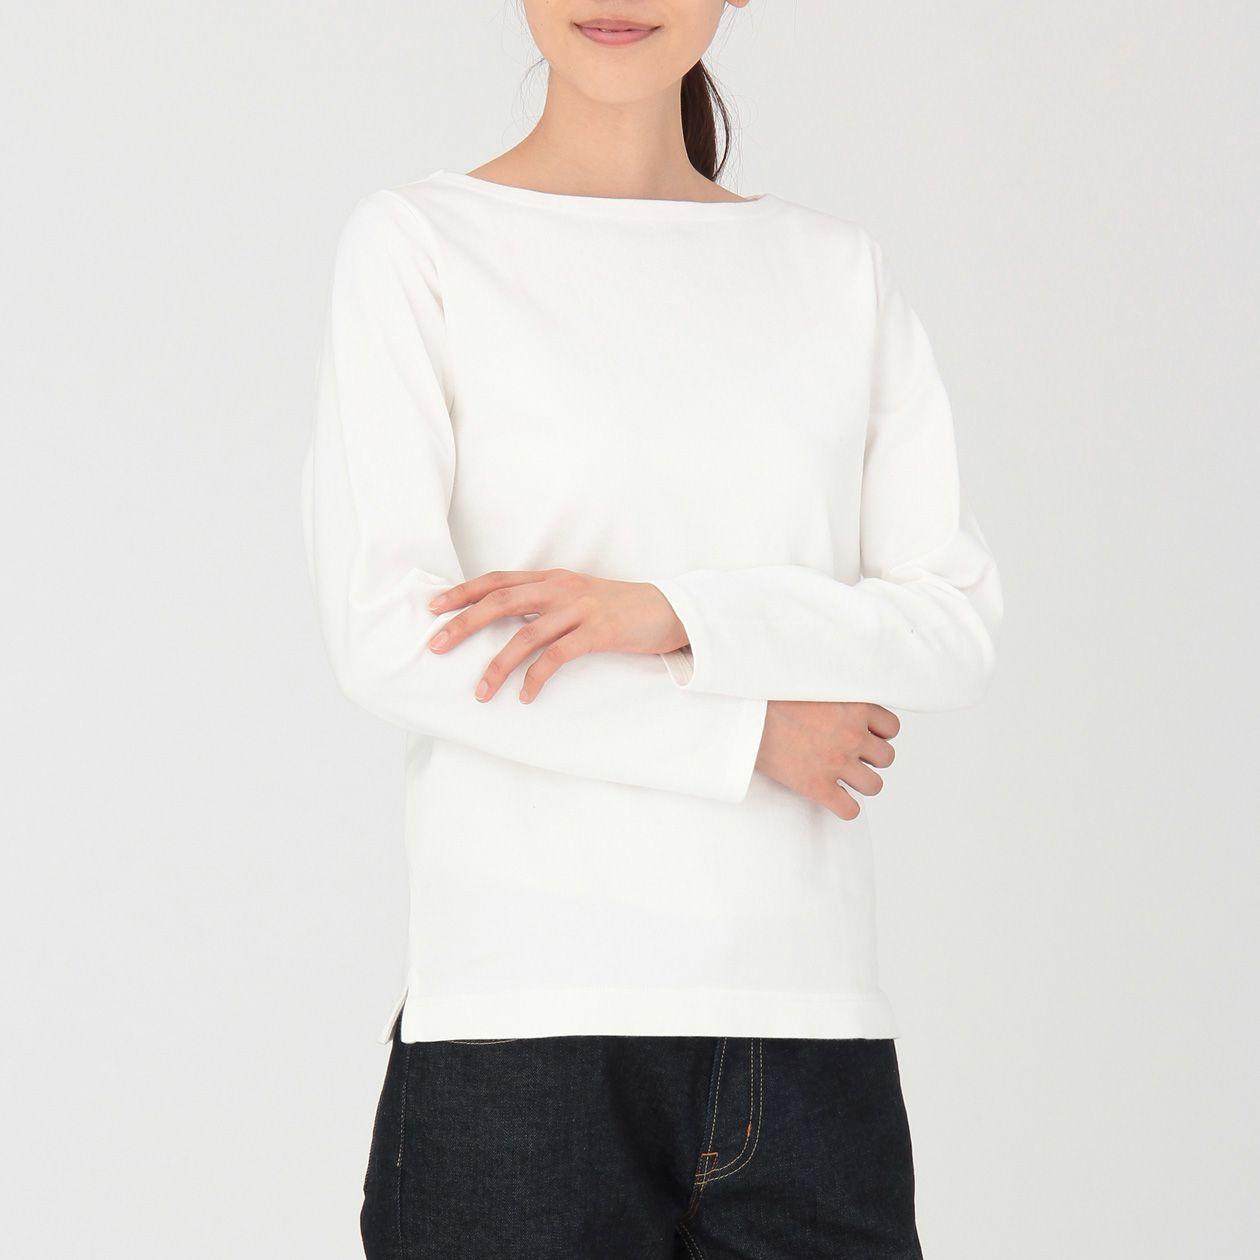 オーガニックコットン太番手長袖Tシャツ(無地) 婦人XS・白 | 無印